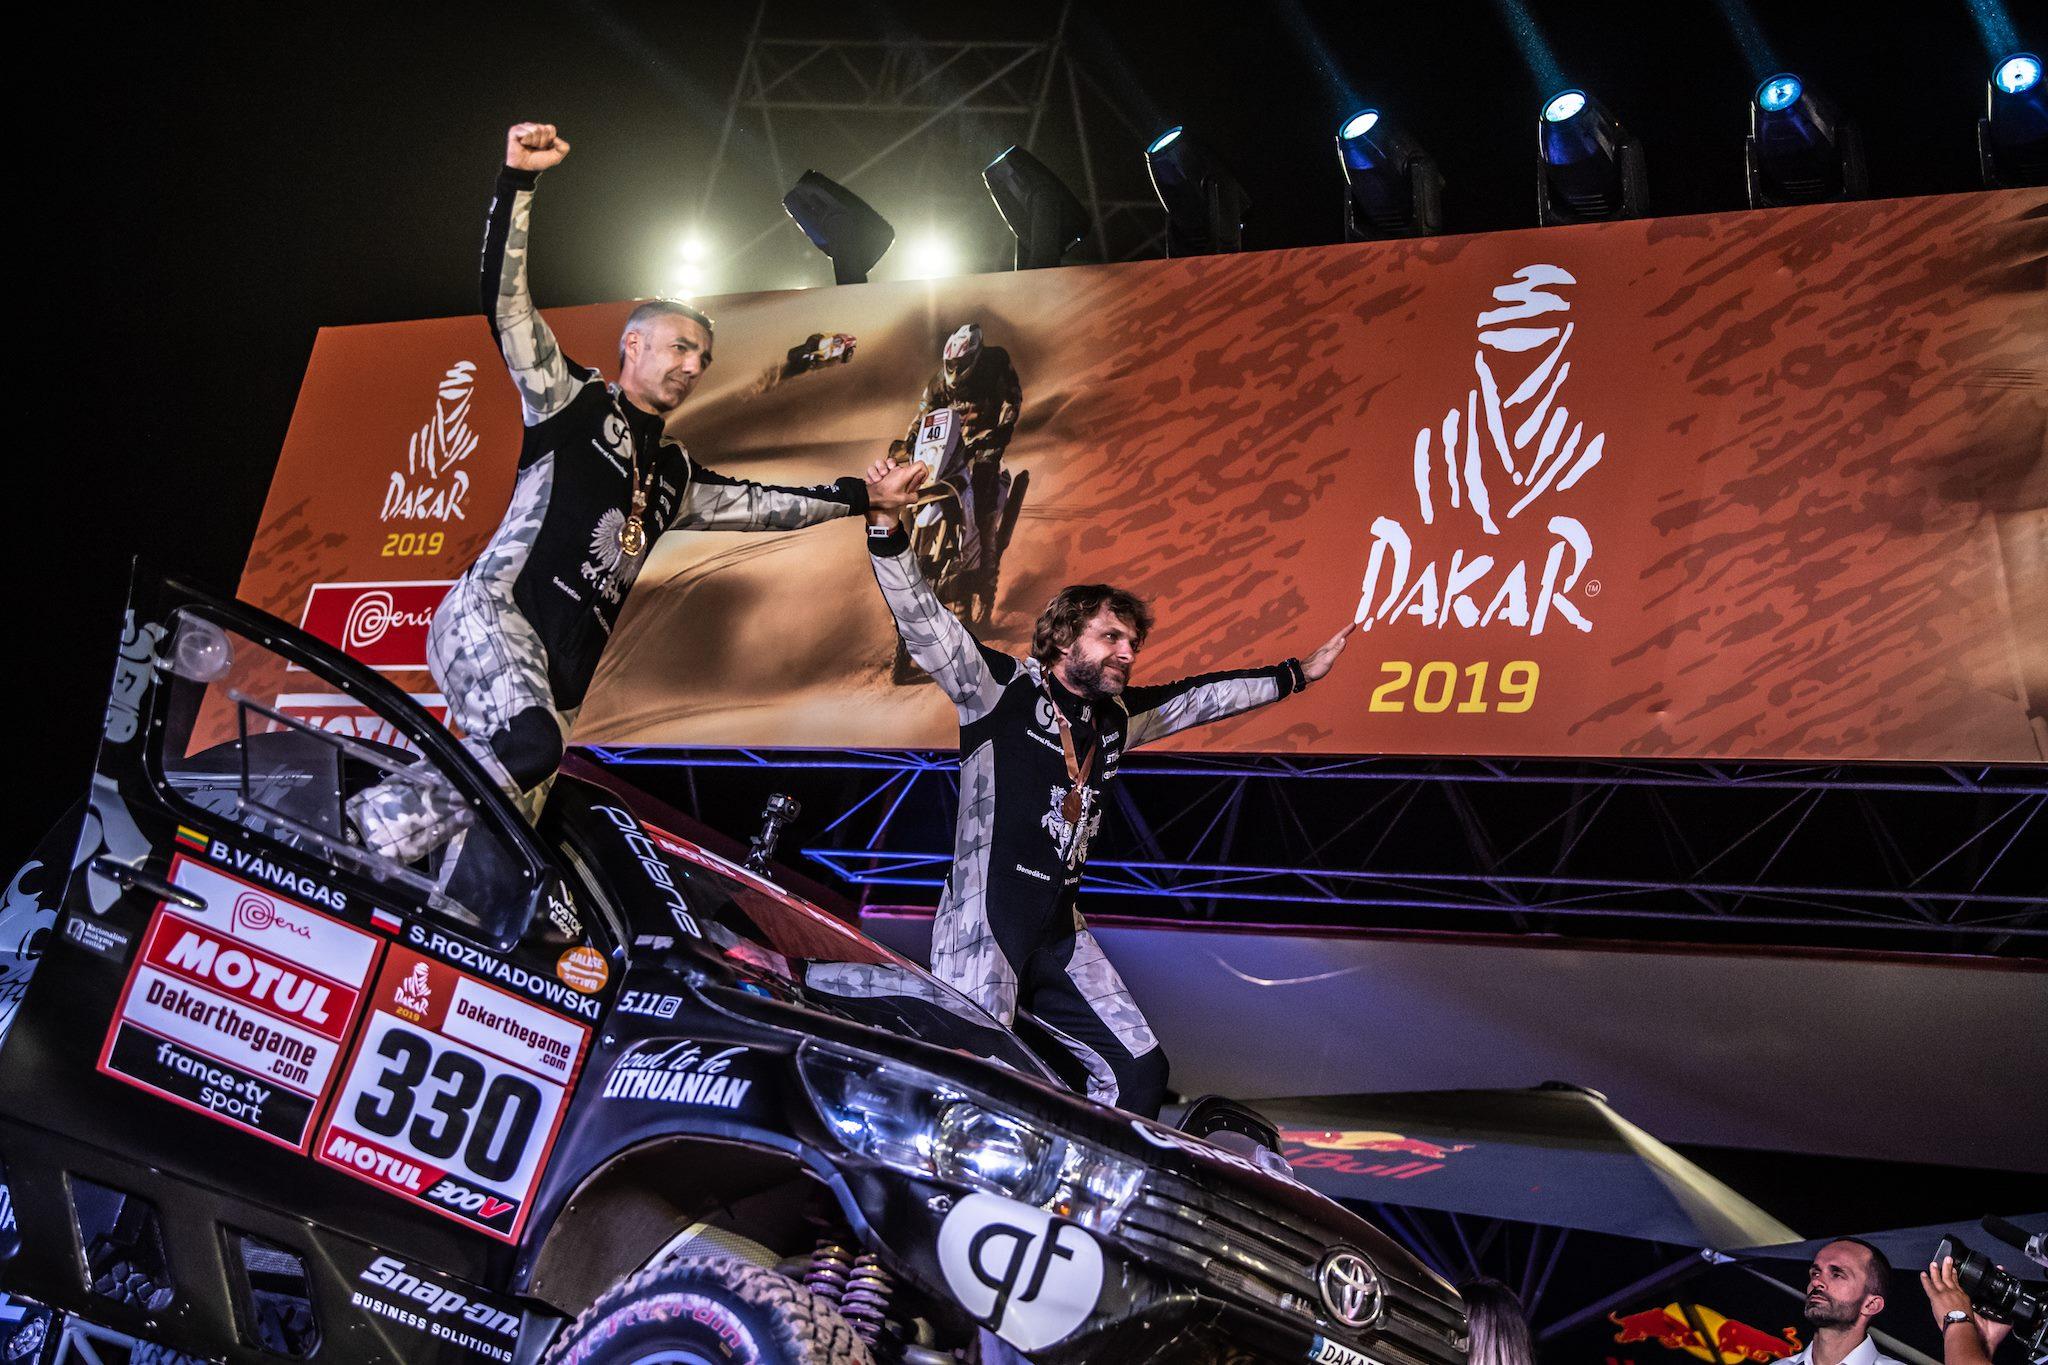 Lietuviai Dakare: rekordinis B.Vanago pasiekimas ir nedaug atsilikęs V.Žala